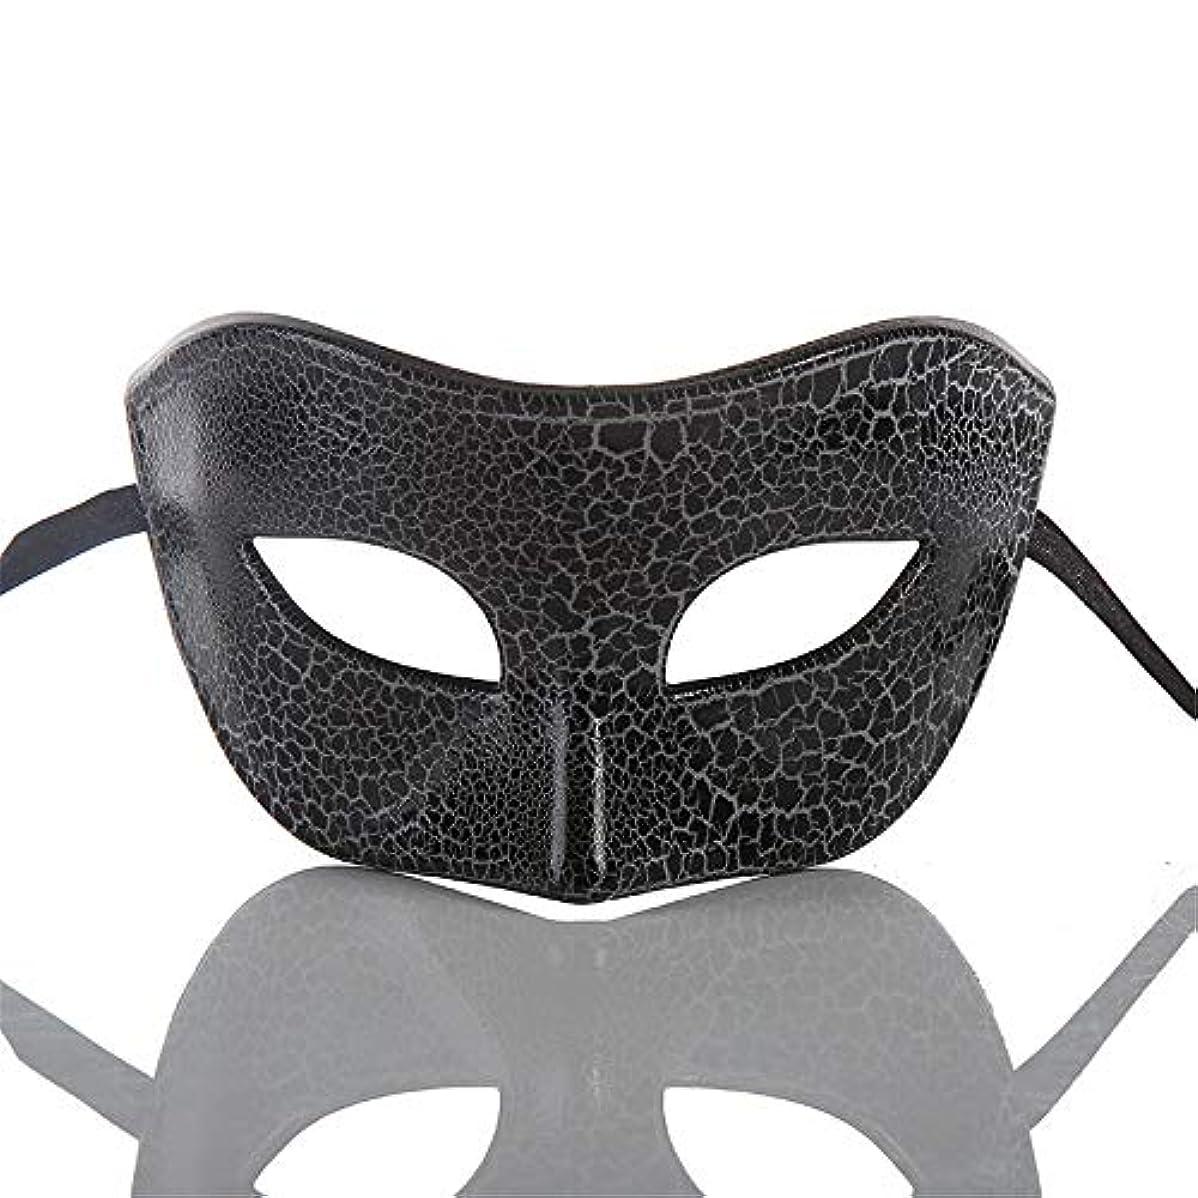 吸うアラート上流のダンスマスク ハーフマスク新しいハロウィーンマスク仮装レトロコスプレメイクナイトクラブマスク雰囲気クリスマスお祝いプラスチックマスク ホリデーパーティー用品 (色 : ブラック, サイズ : 16.5x8cm)